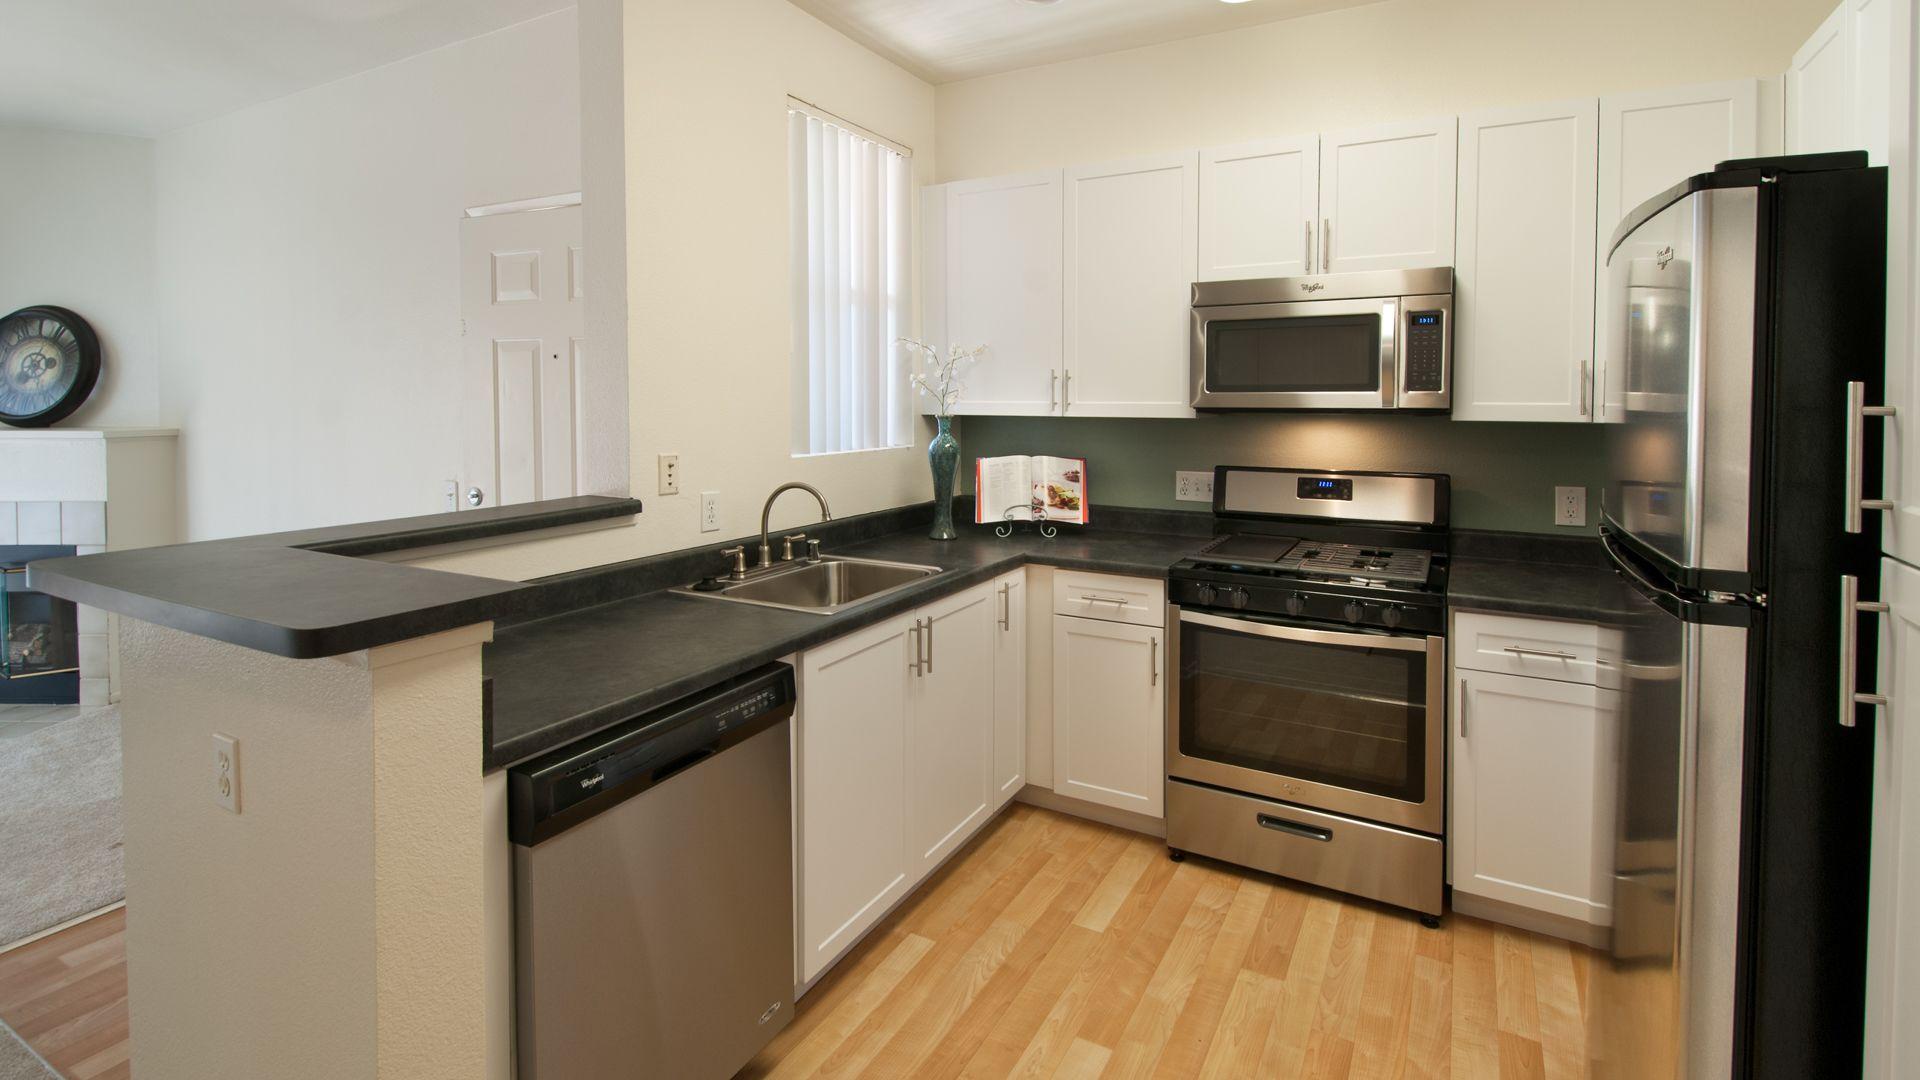 Skyview Apartments - Kitchen